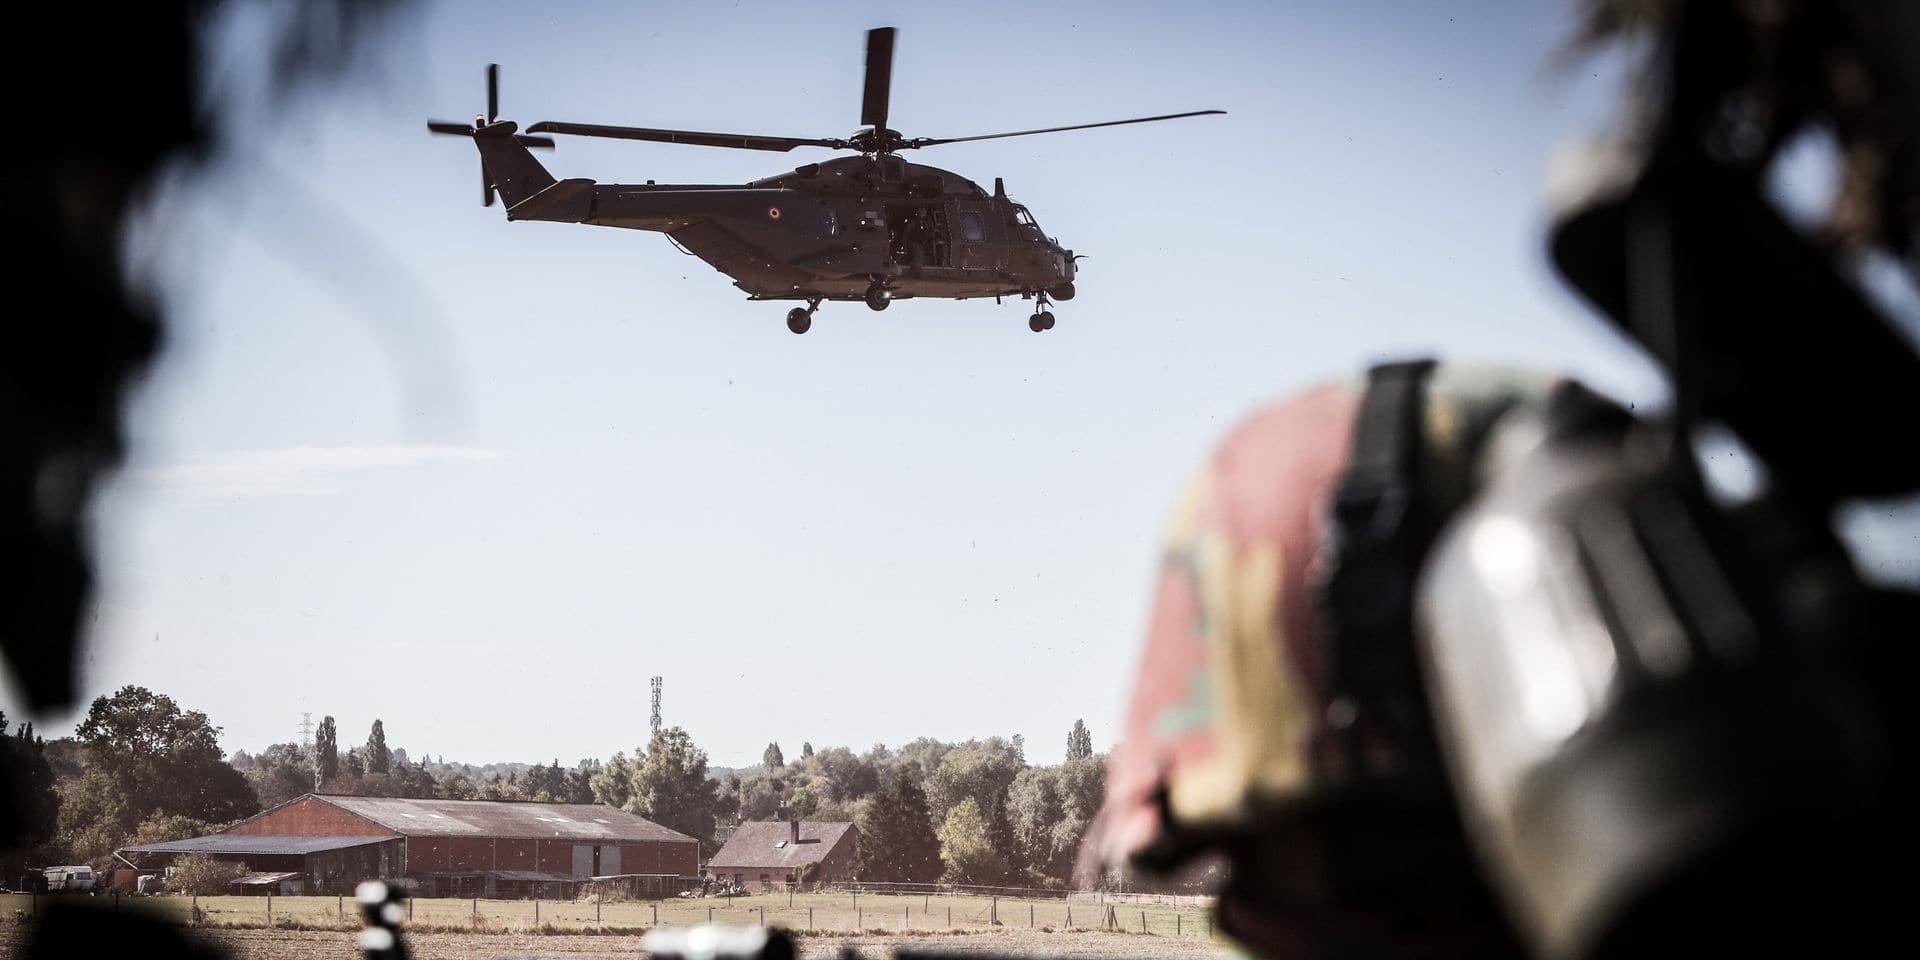 La ministre de la Défense assistera ce mercredi à un impressionnant exercice militaire à Estinnes